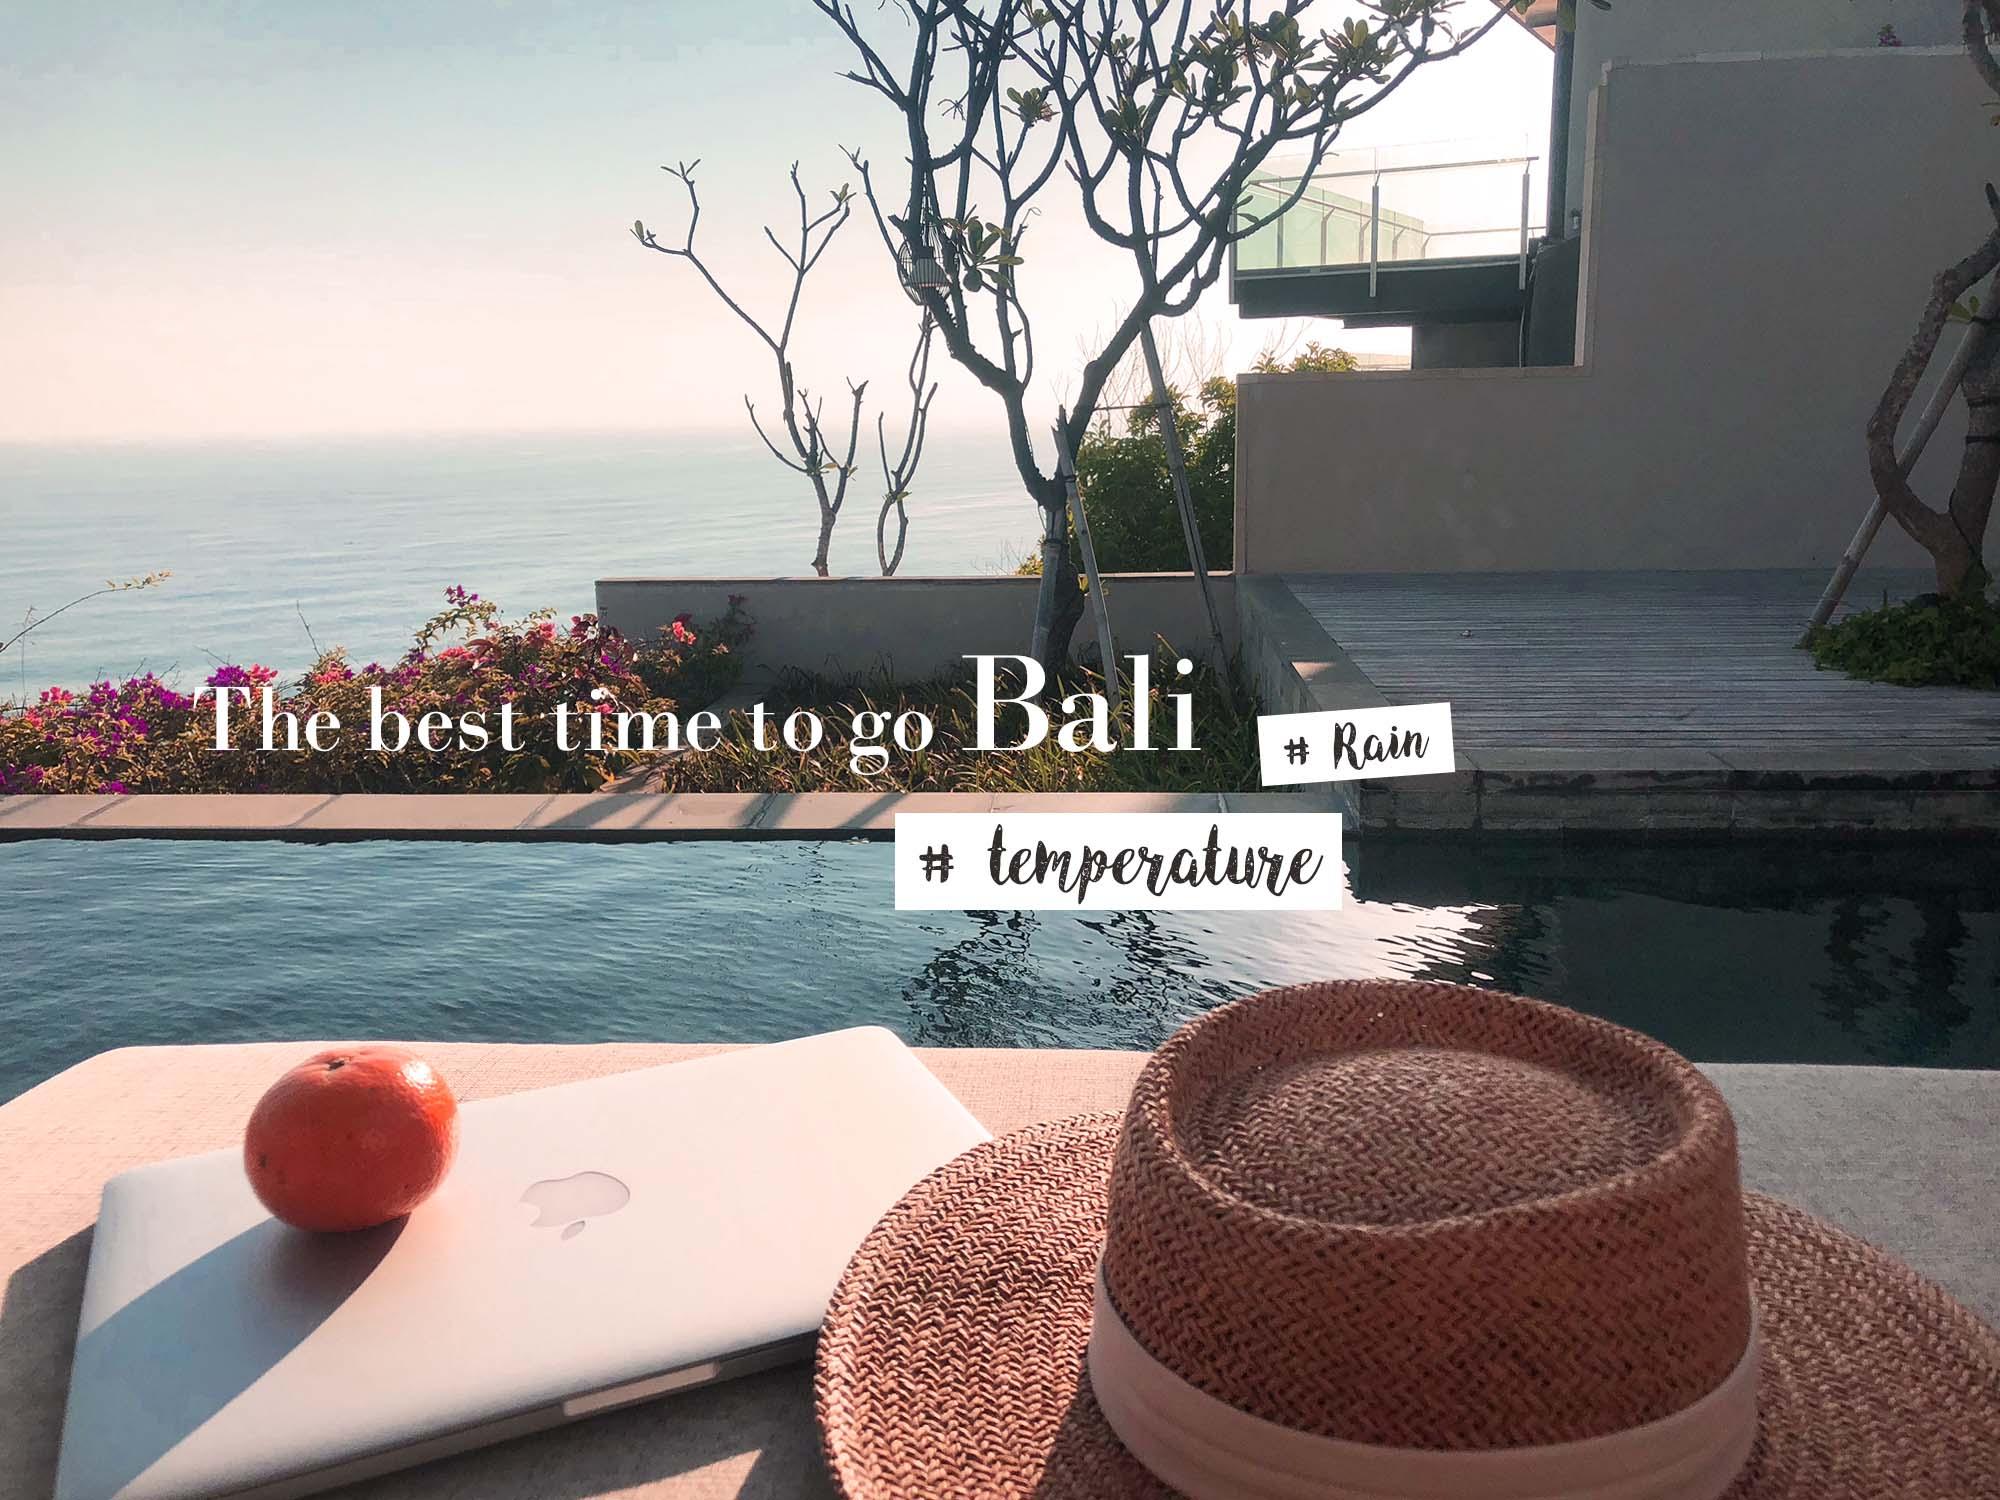 峇里島Bali天氣|最適合去峇里島的季節&月份!